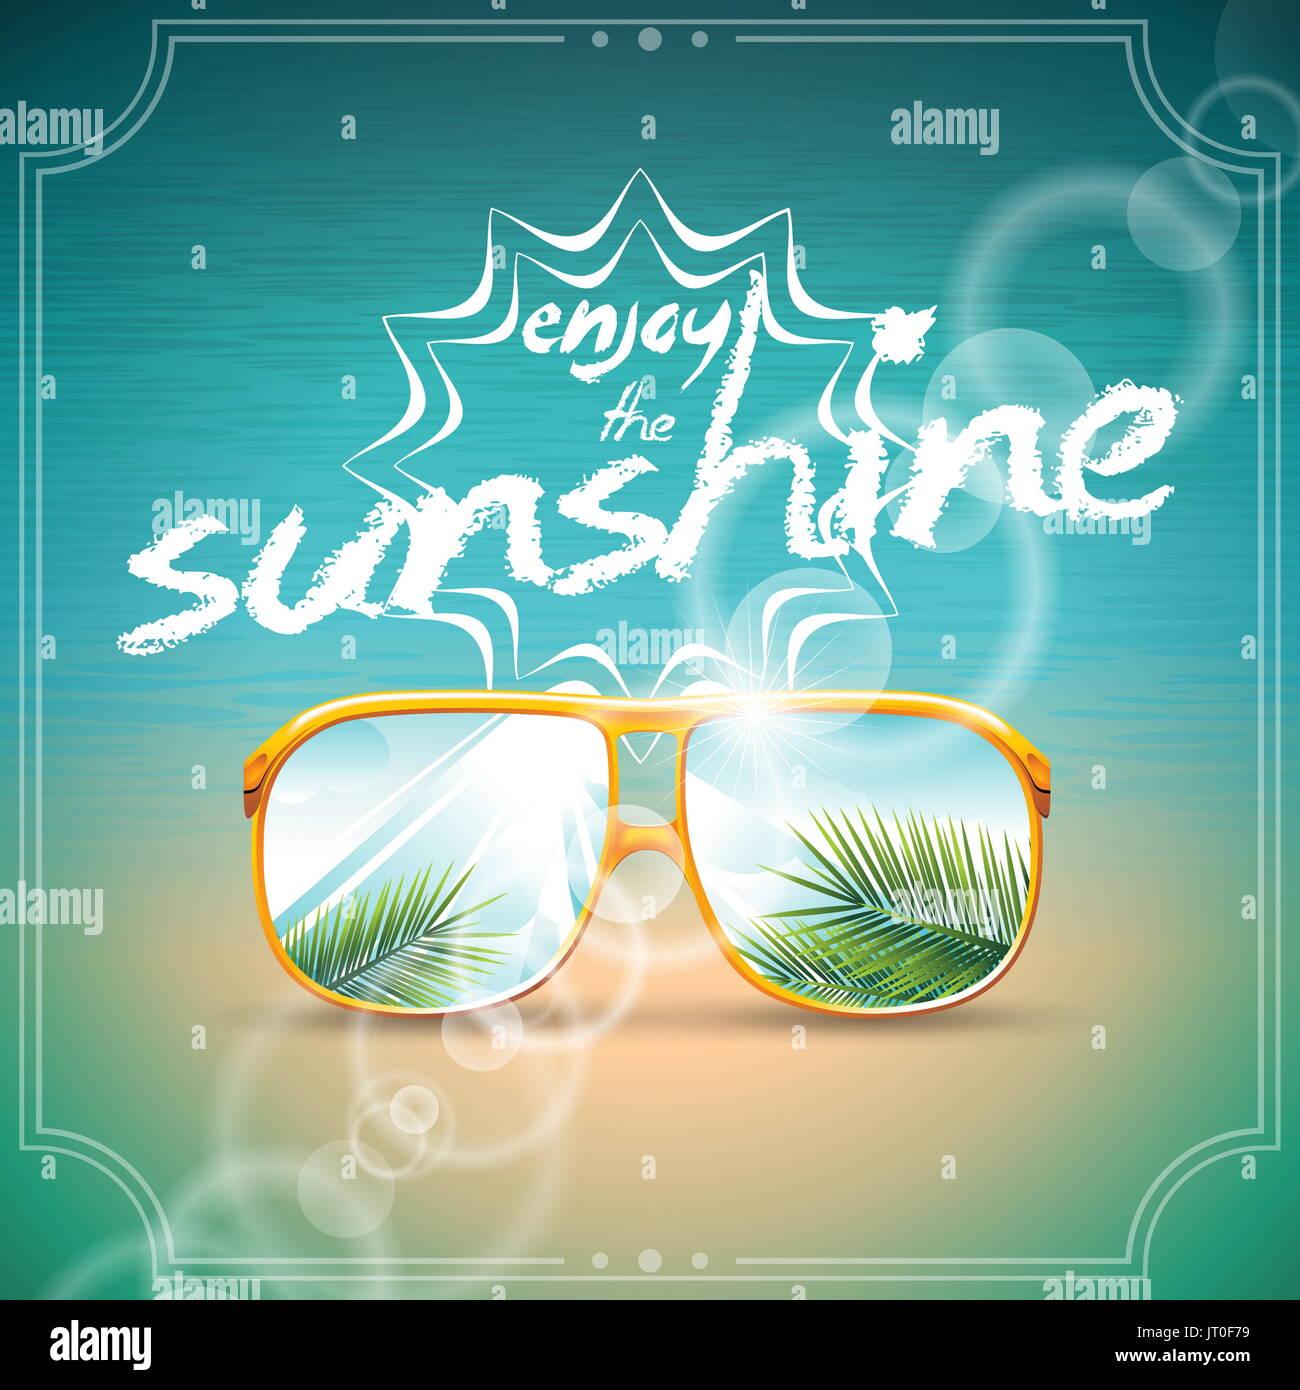 Vector Diseño de vacaciones de verano con gafas de sol sobre el mar azul de fondo. Eps10 ilustración. Imagen De Stock